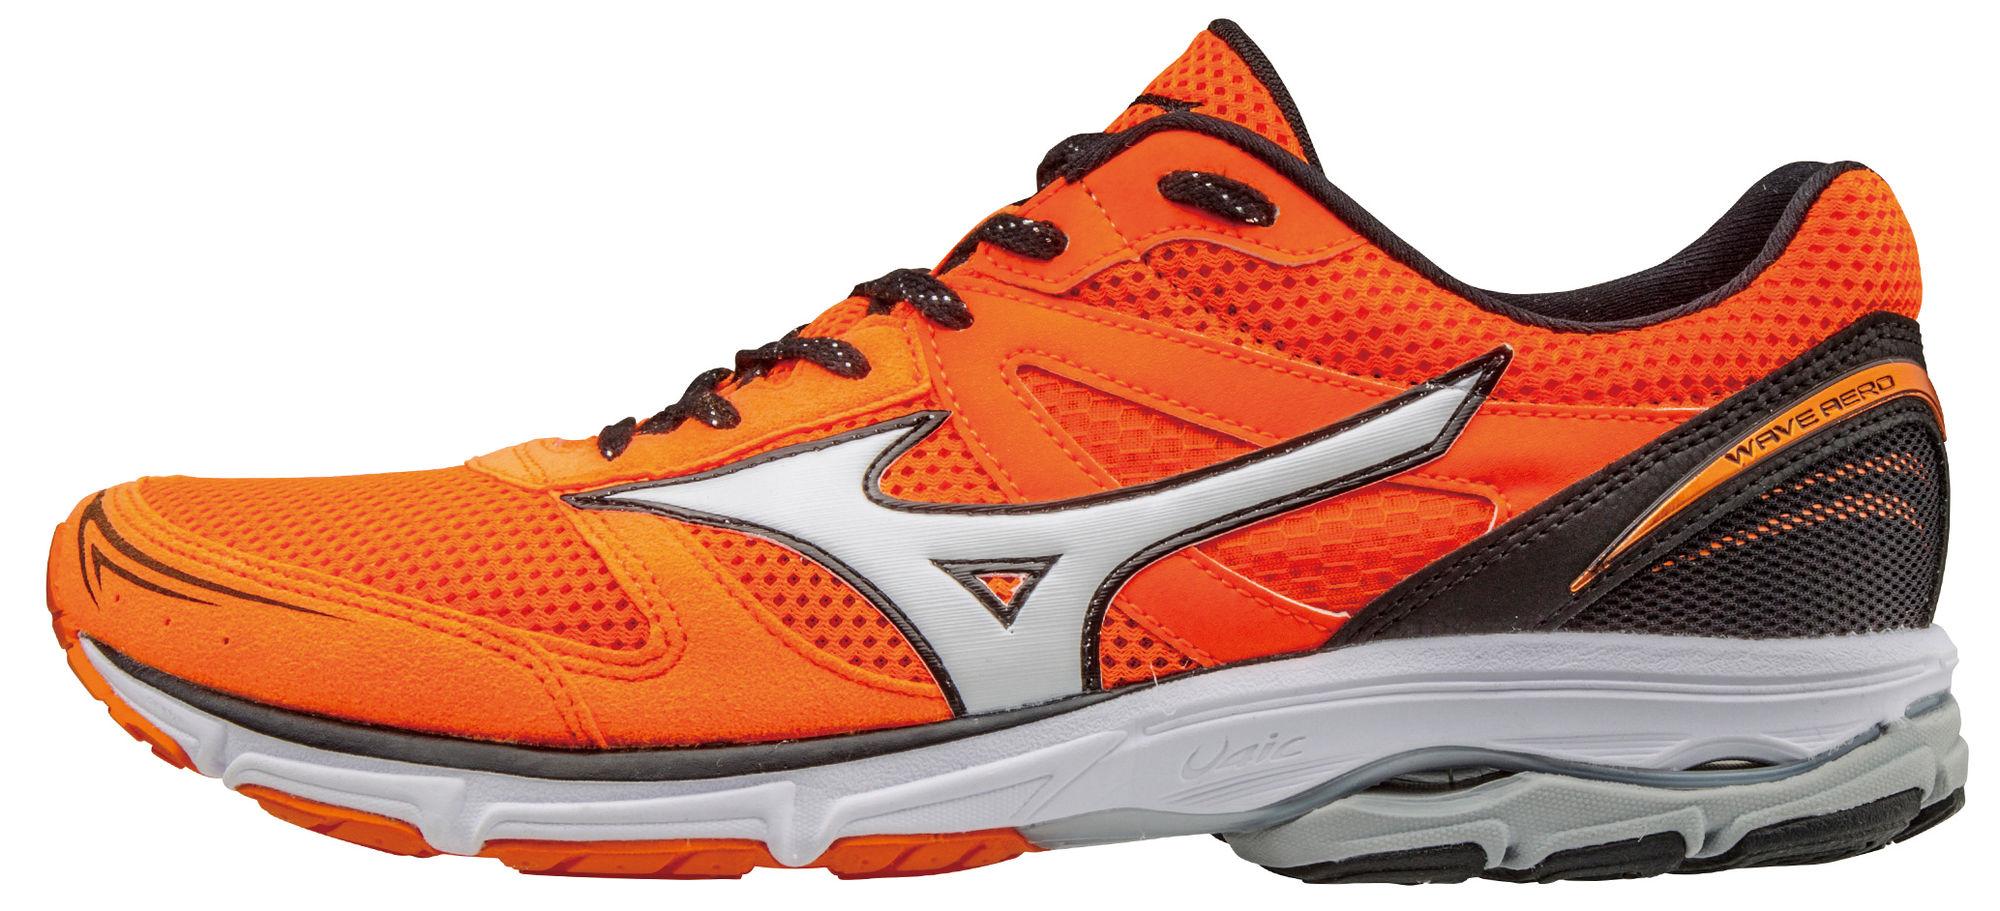 Mizuno Wave Aero 15 in Orange